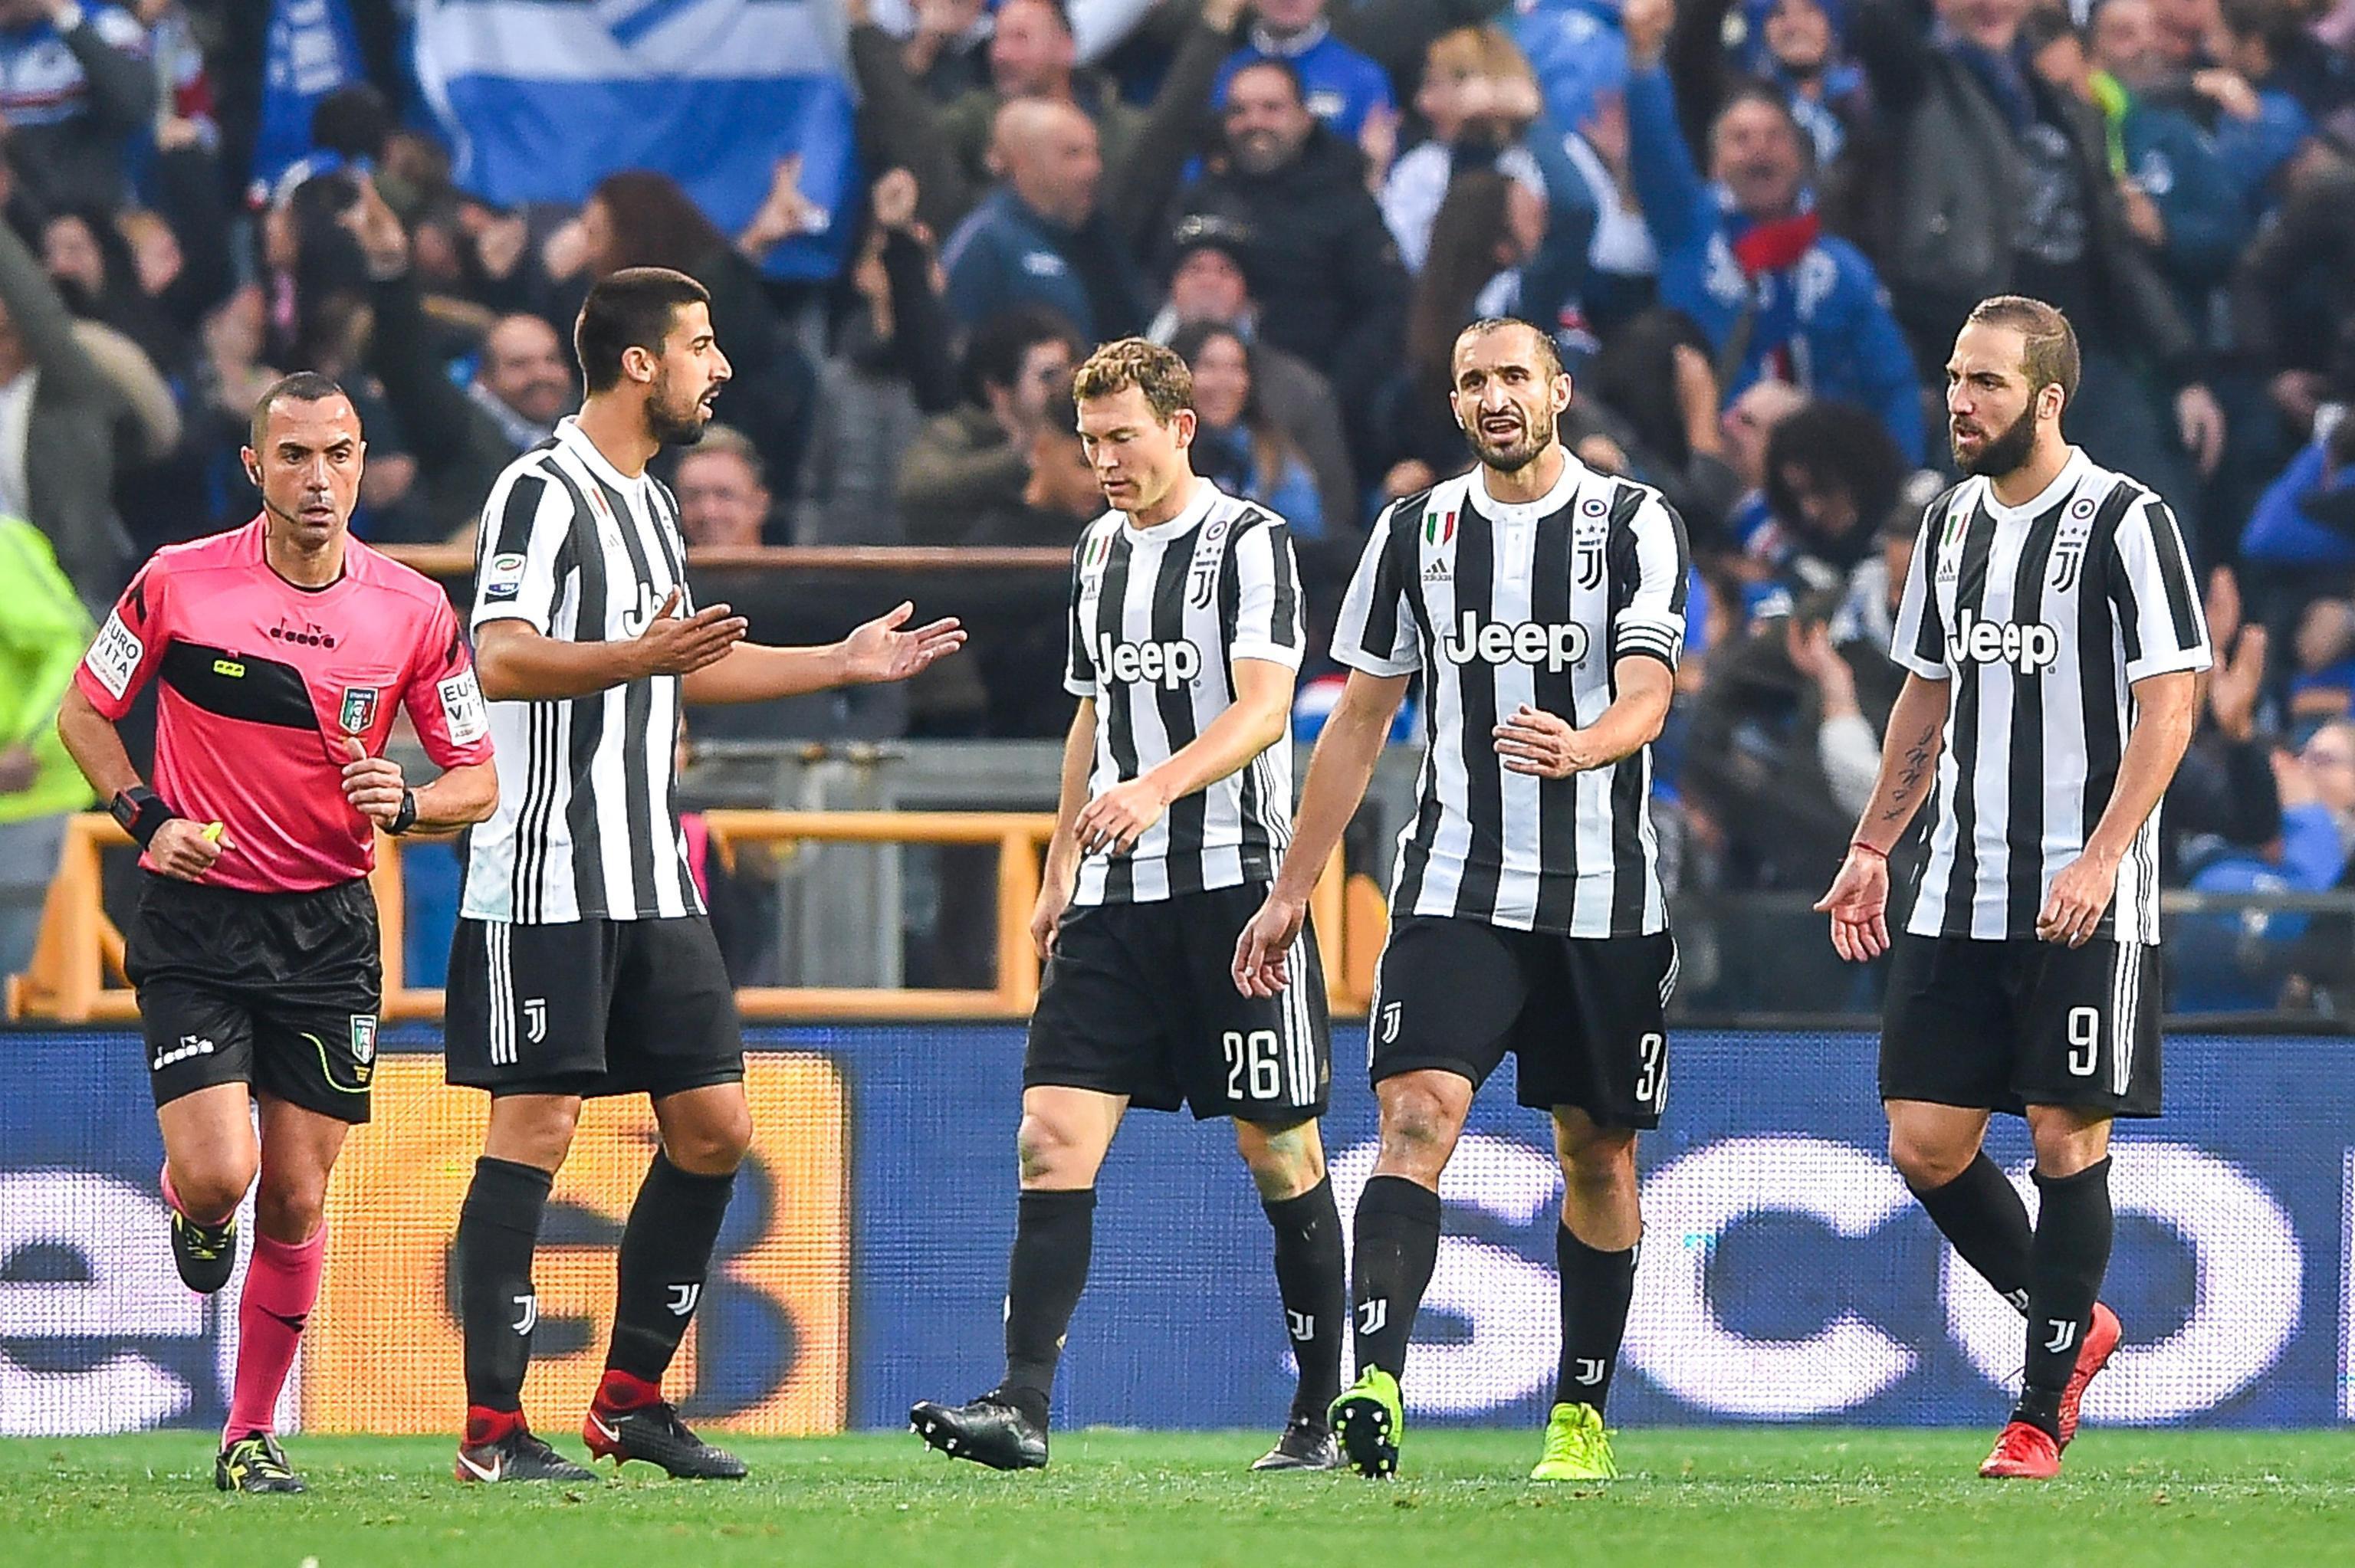 Juve were well beaten by Sampdoria